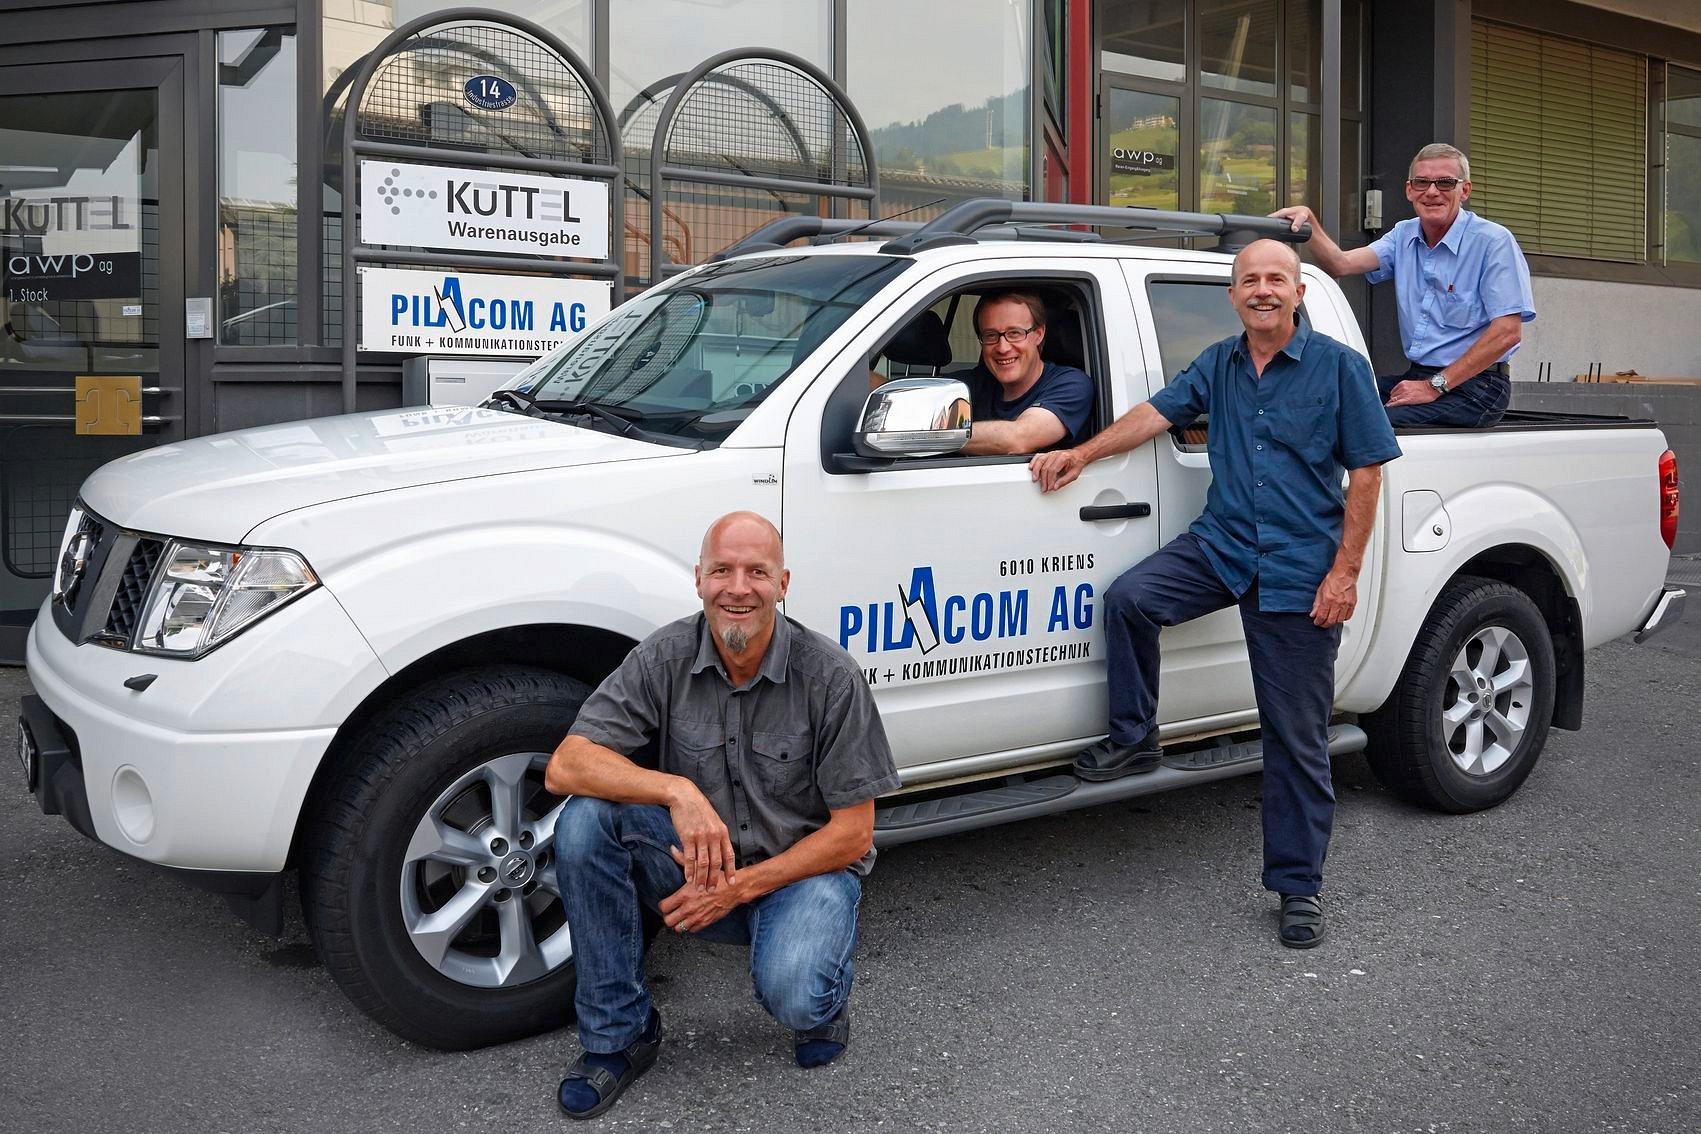 Pilacom AG